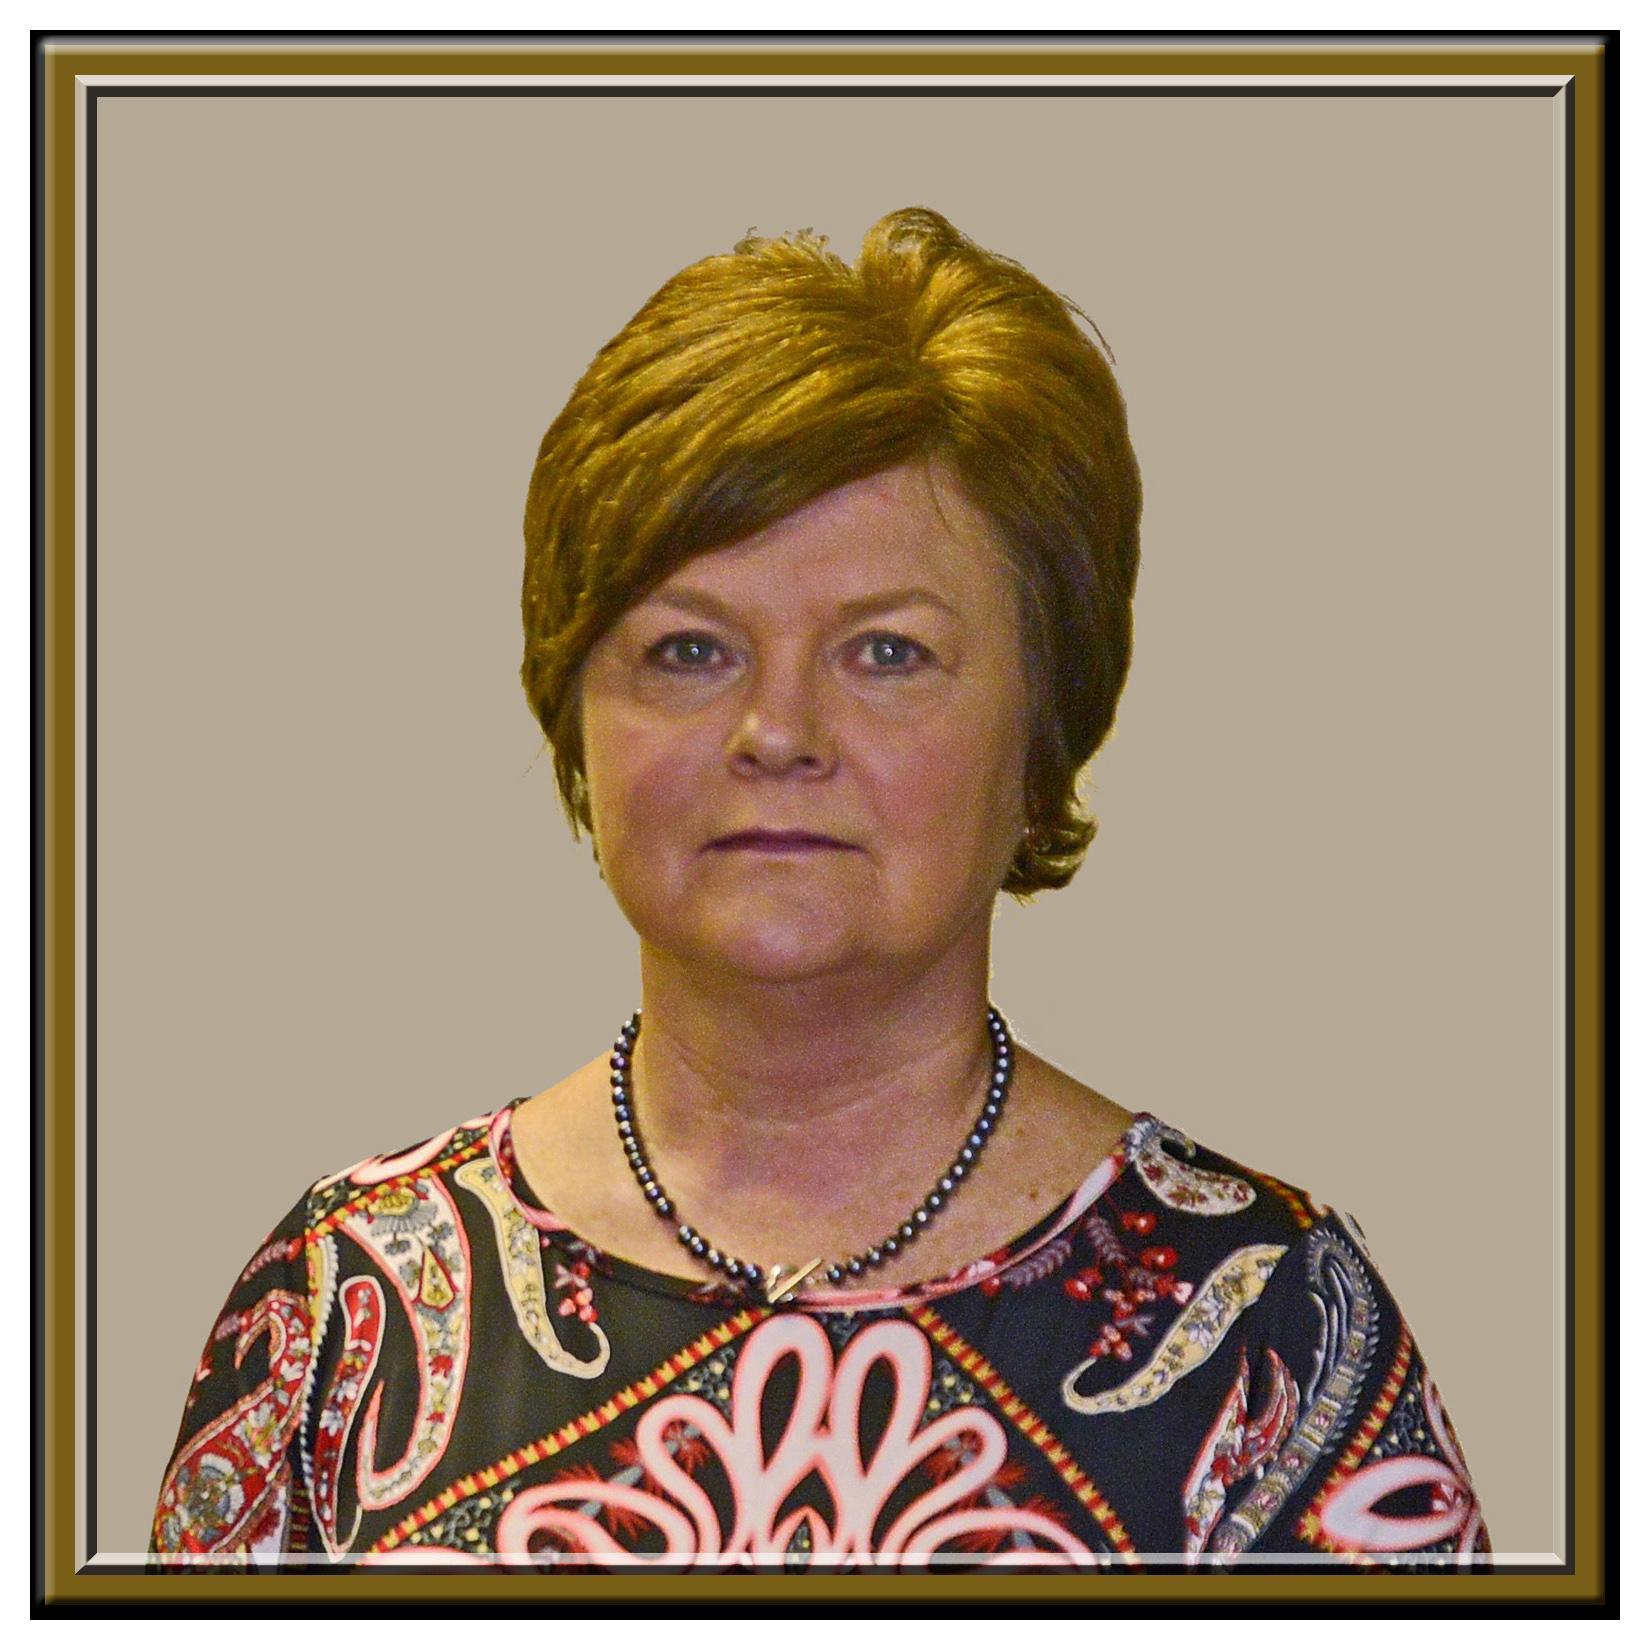 Joann Siders